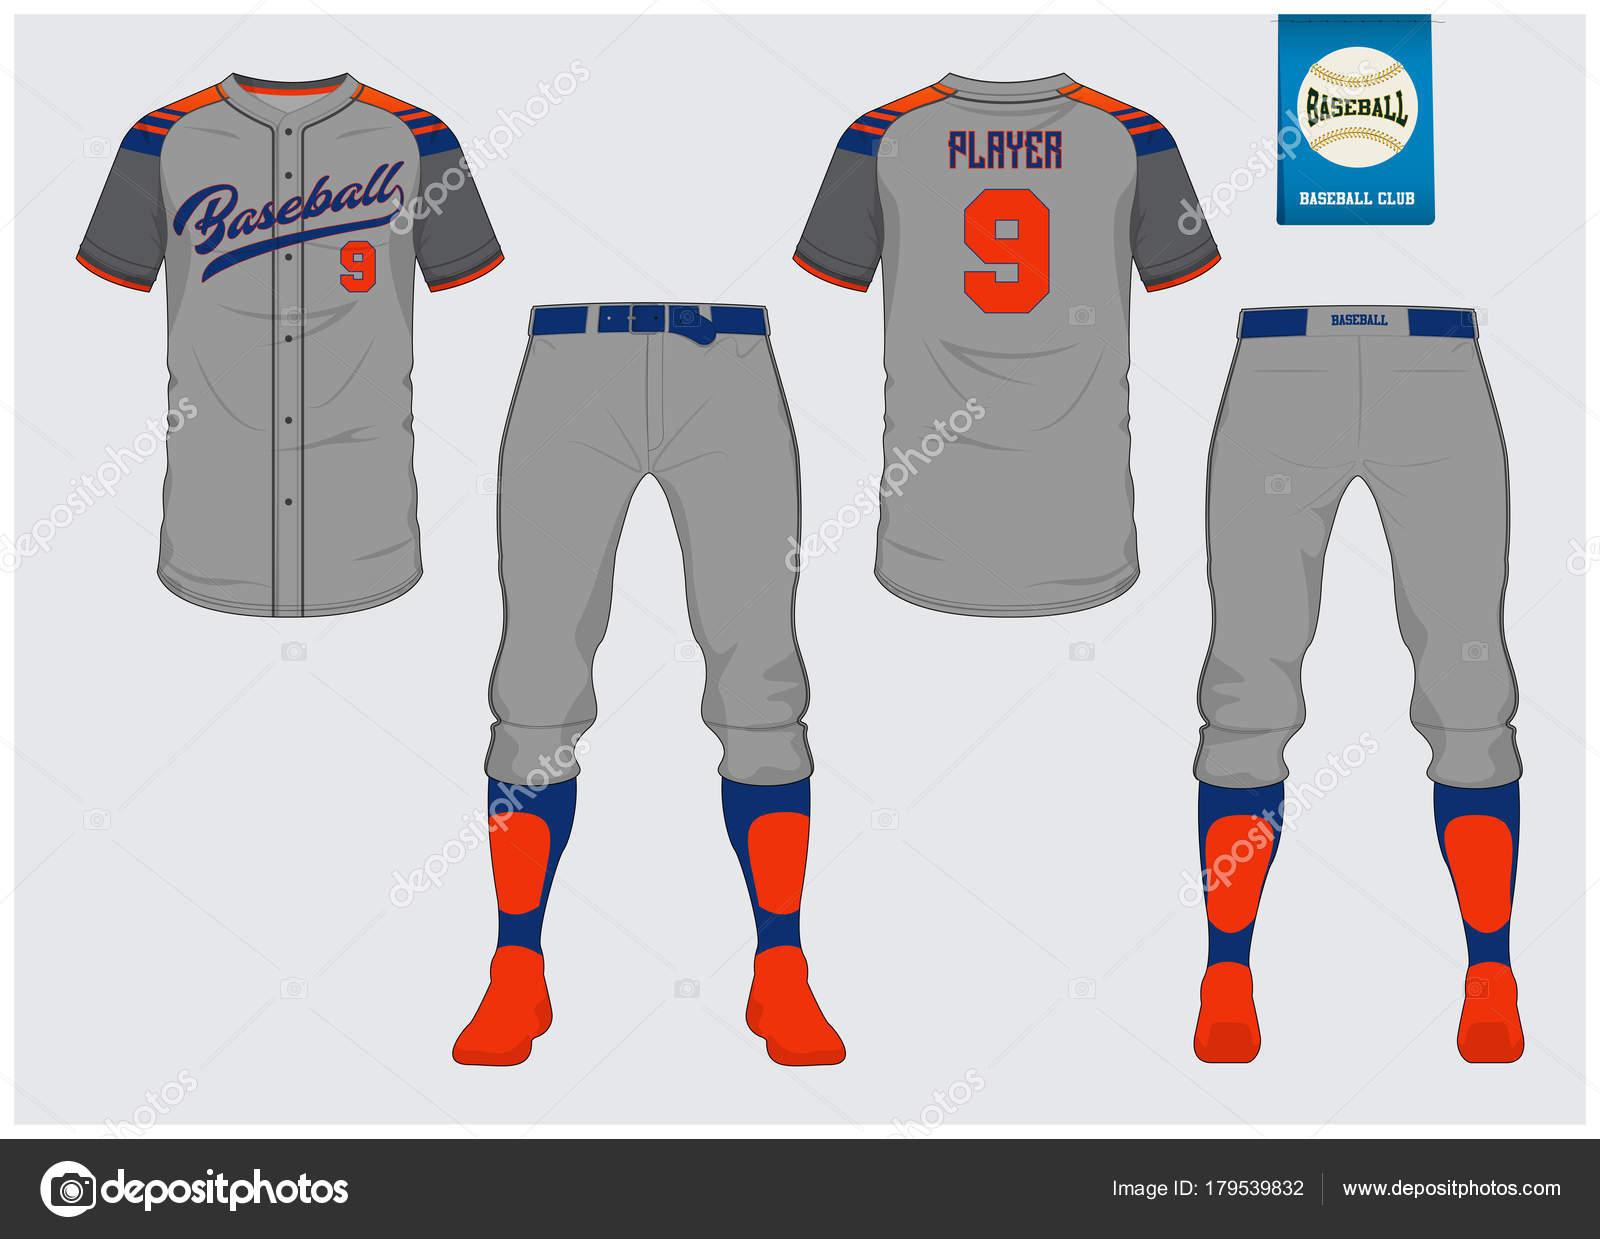 Camiseta de béisbol mock up. Frente y parte posterior vista uniforme de  béisbol. Logo de béisbol planas en etiqueta azul. 3f717d7f01b